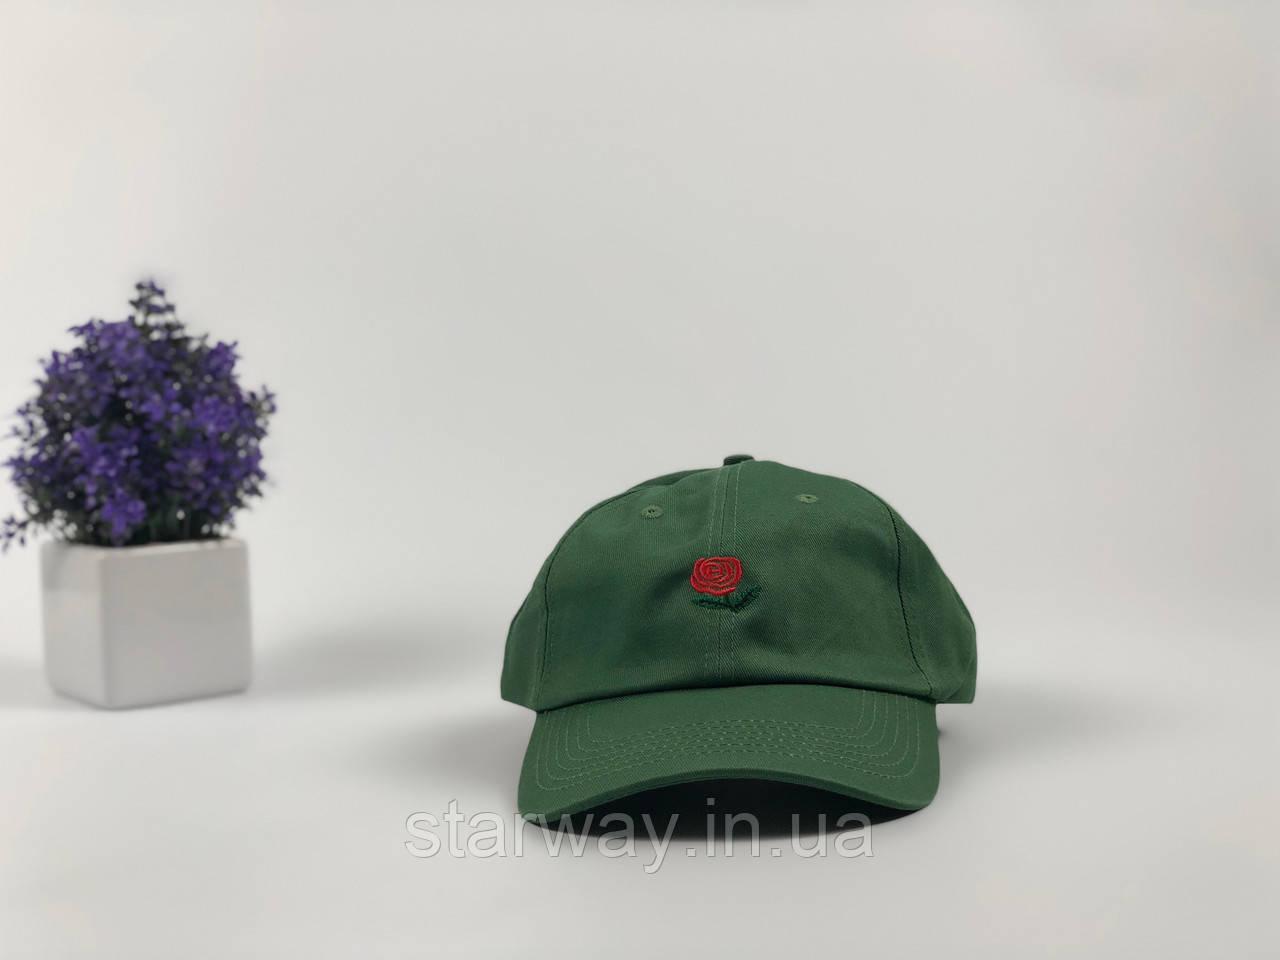 Кепка тёмно-зелёная Hundreds Rose логотип вышивка